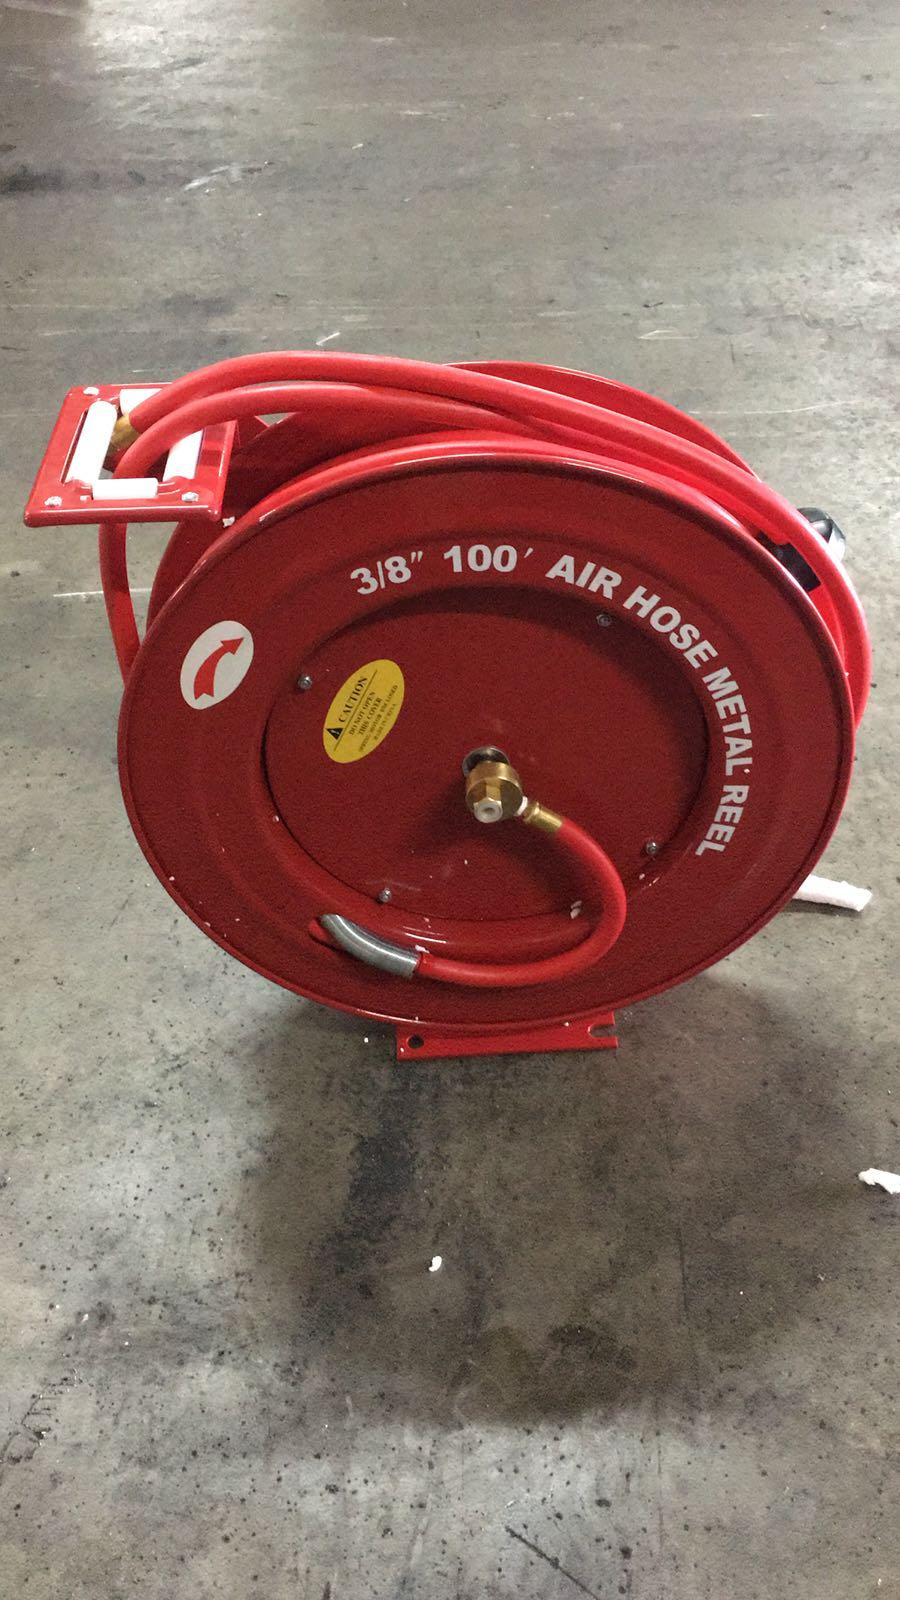 New 3 8 100 Ft Metal Air Hose Retractable Air Reel Arh02